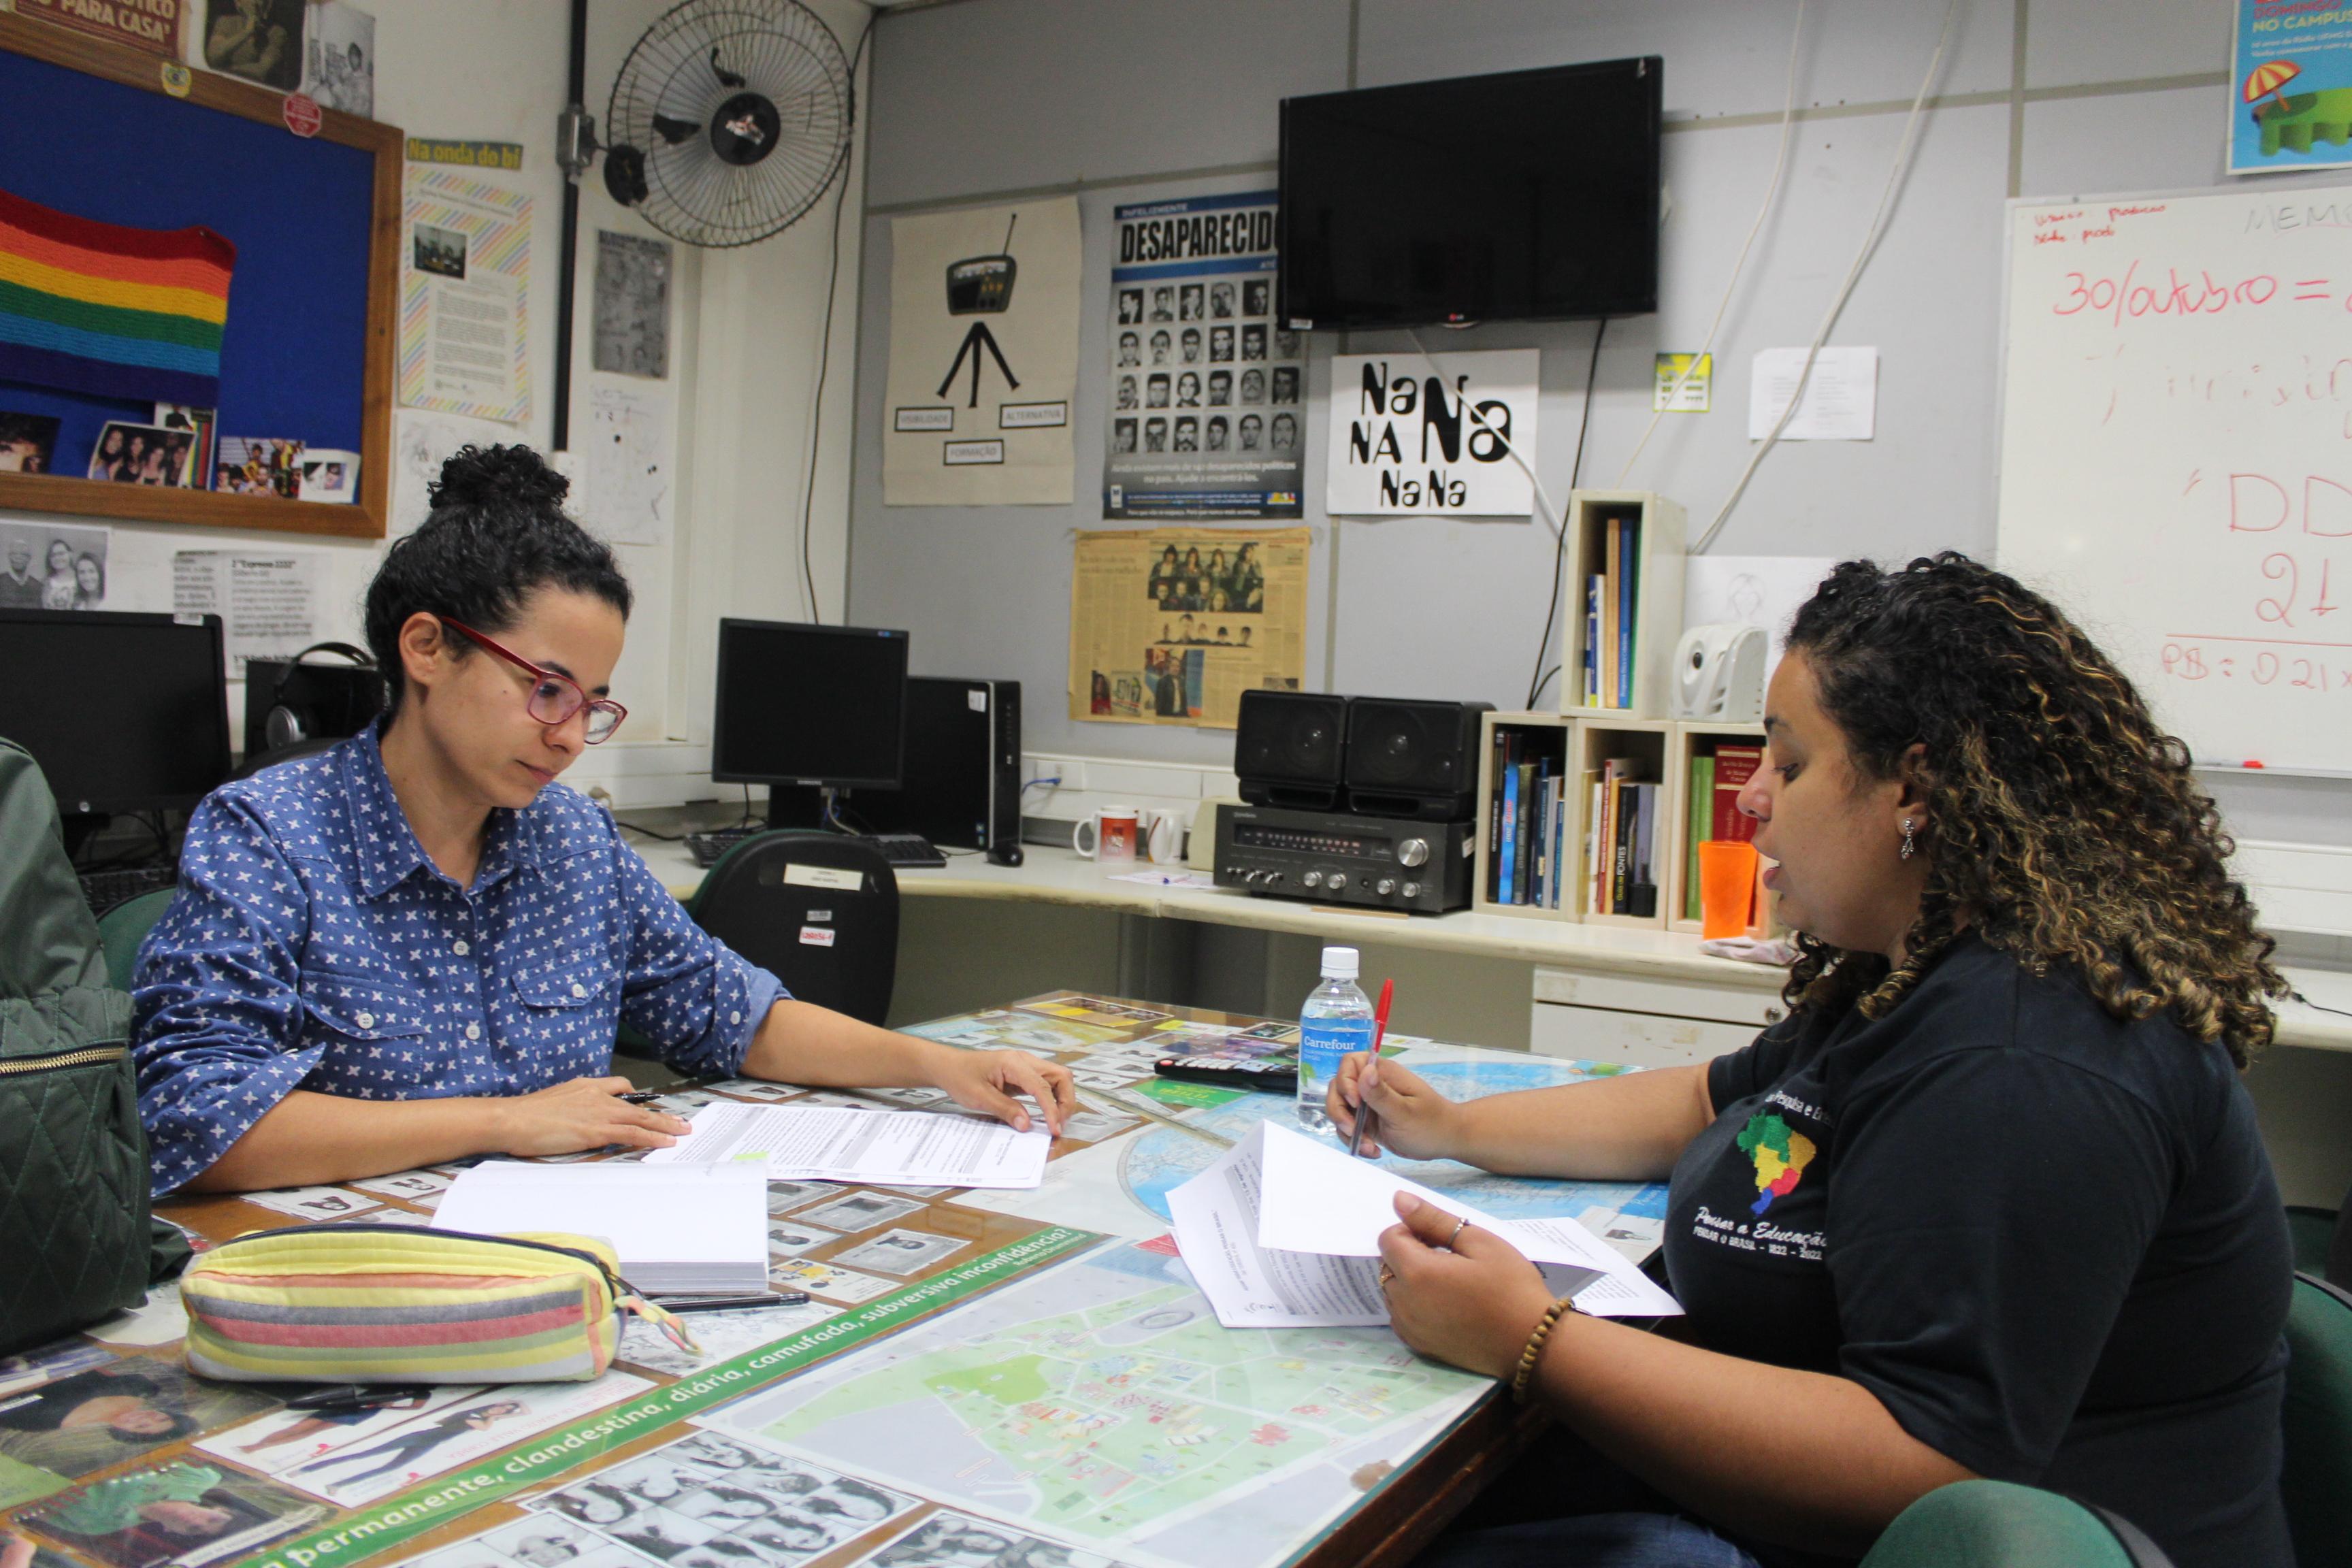 Vanessa Macedo E Yolanda Assunção Na Rádio UFMG Educativa